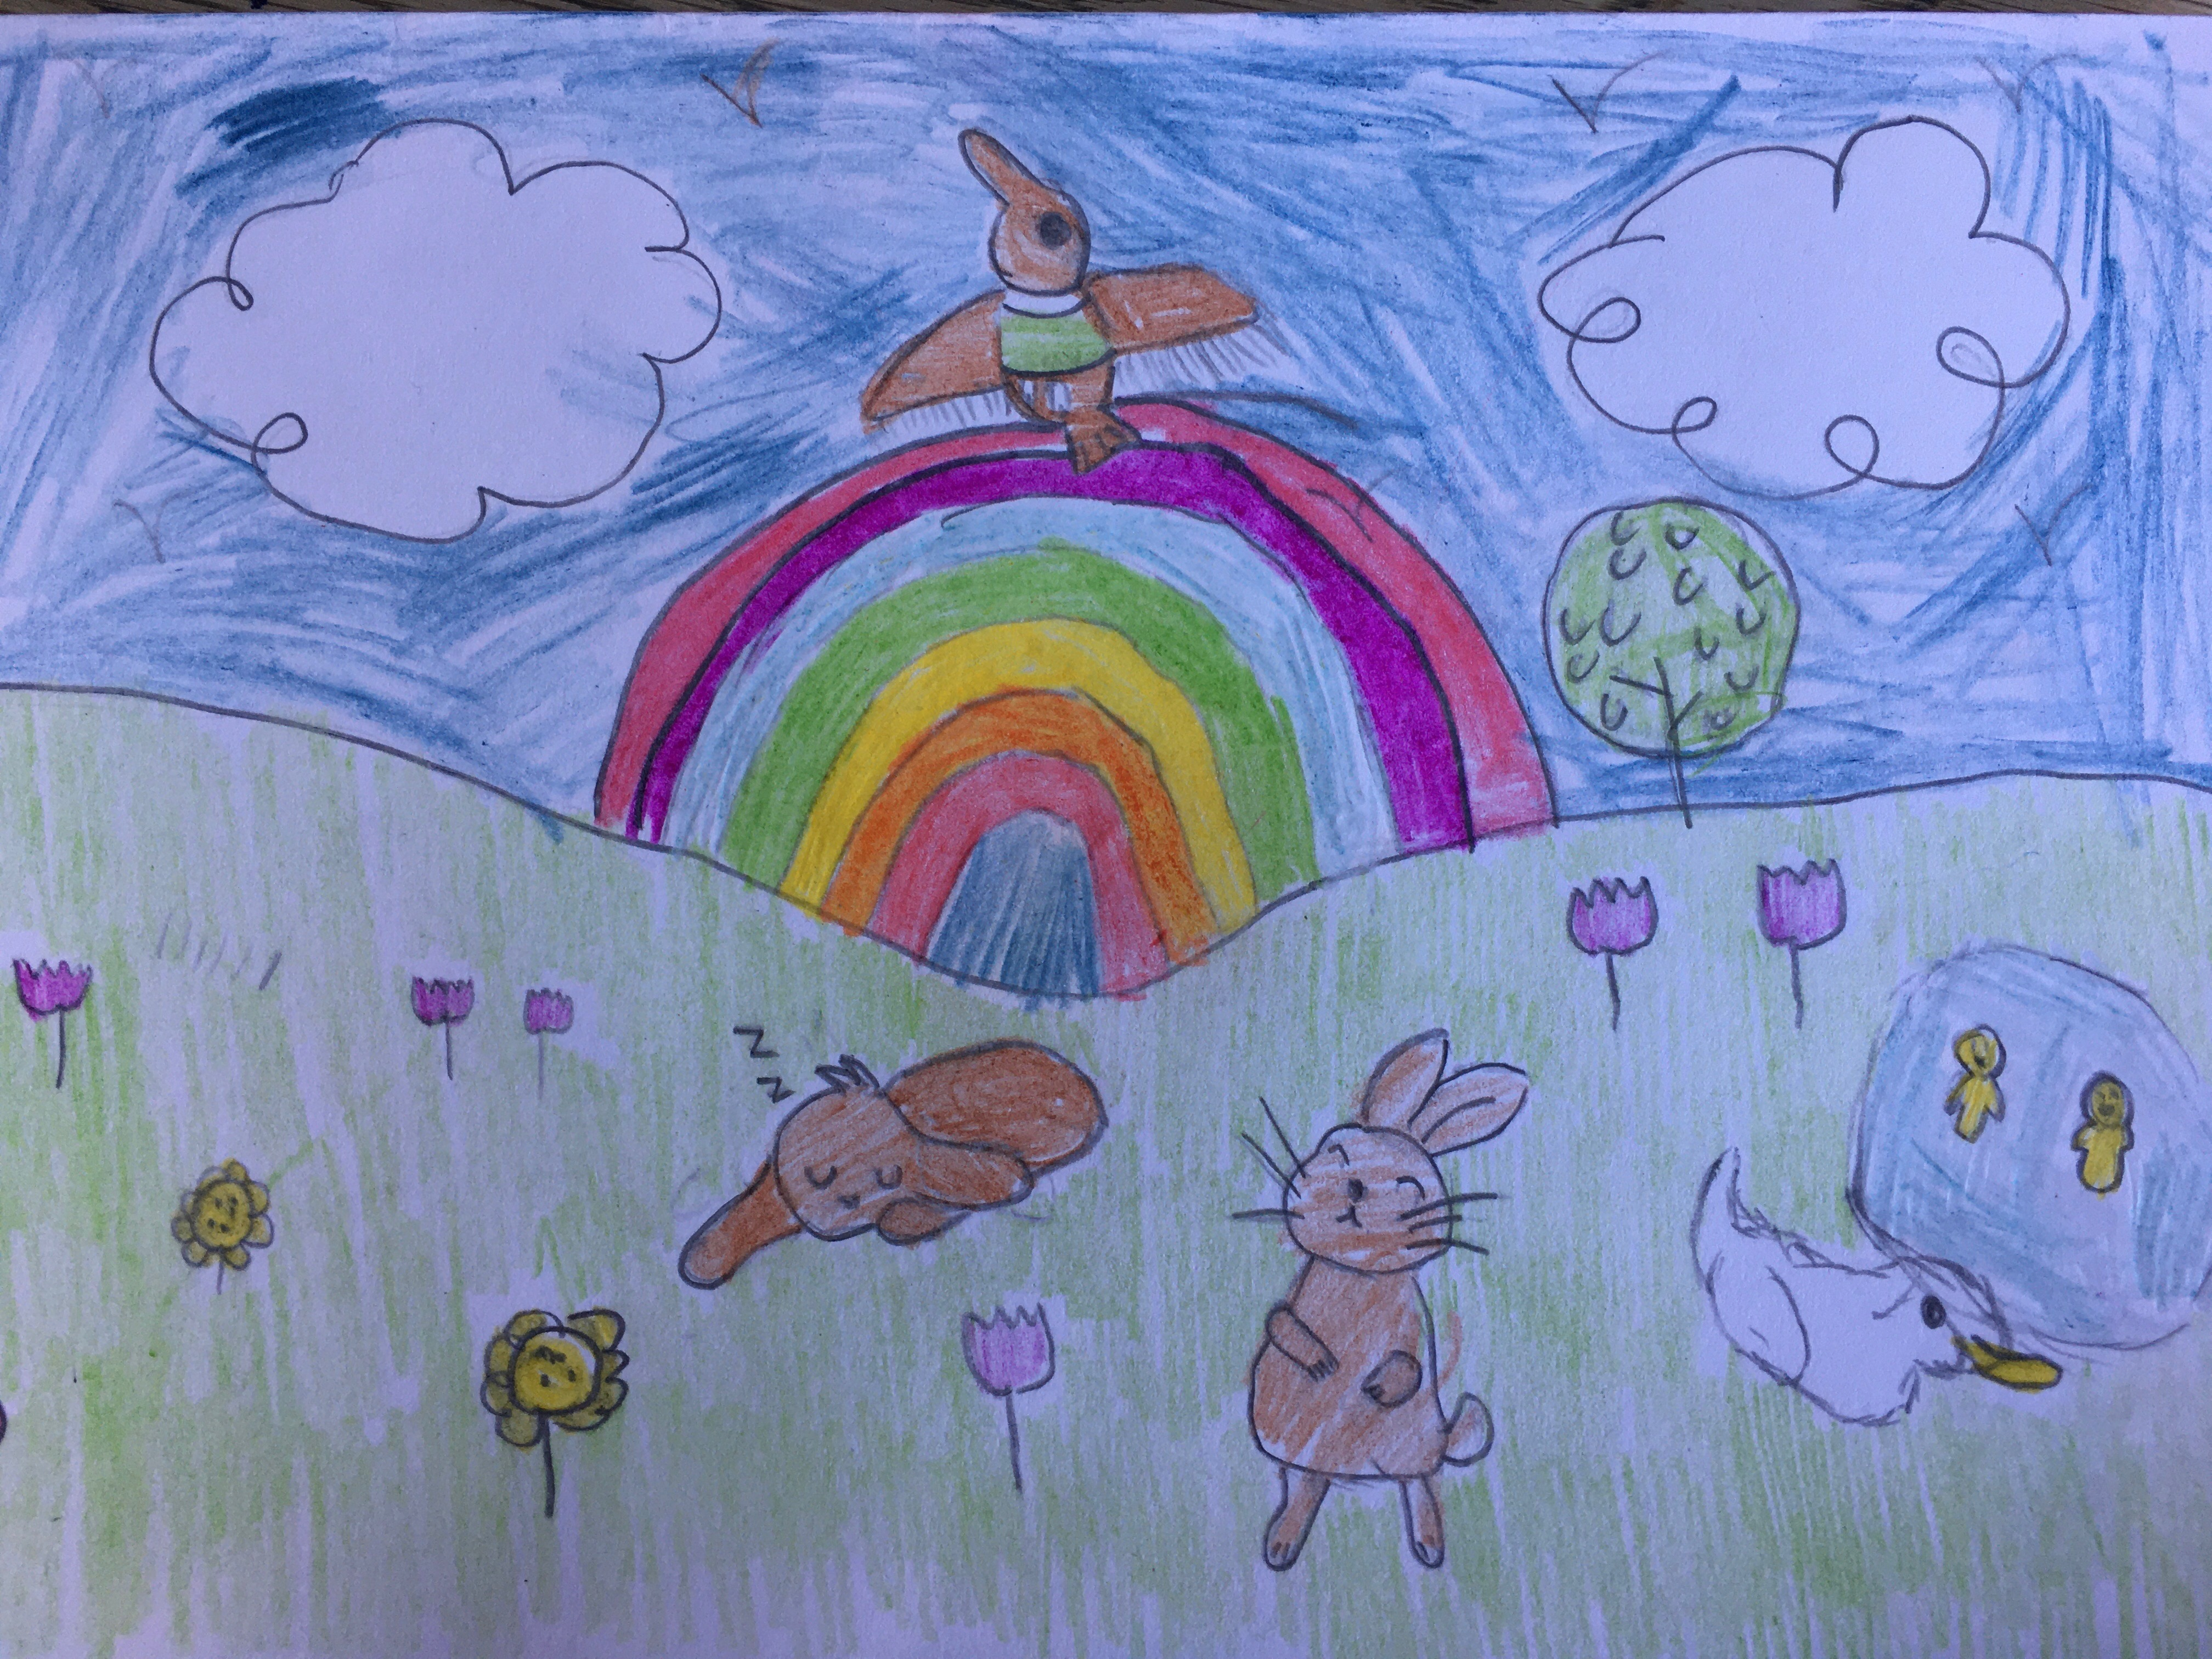 Jager's Easter scene